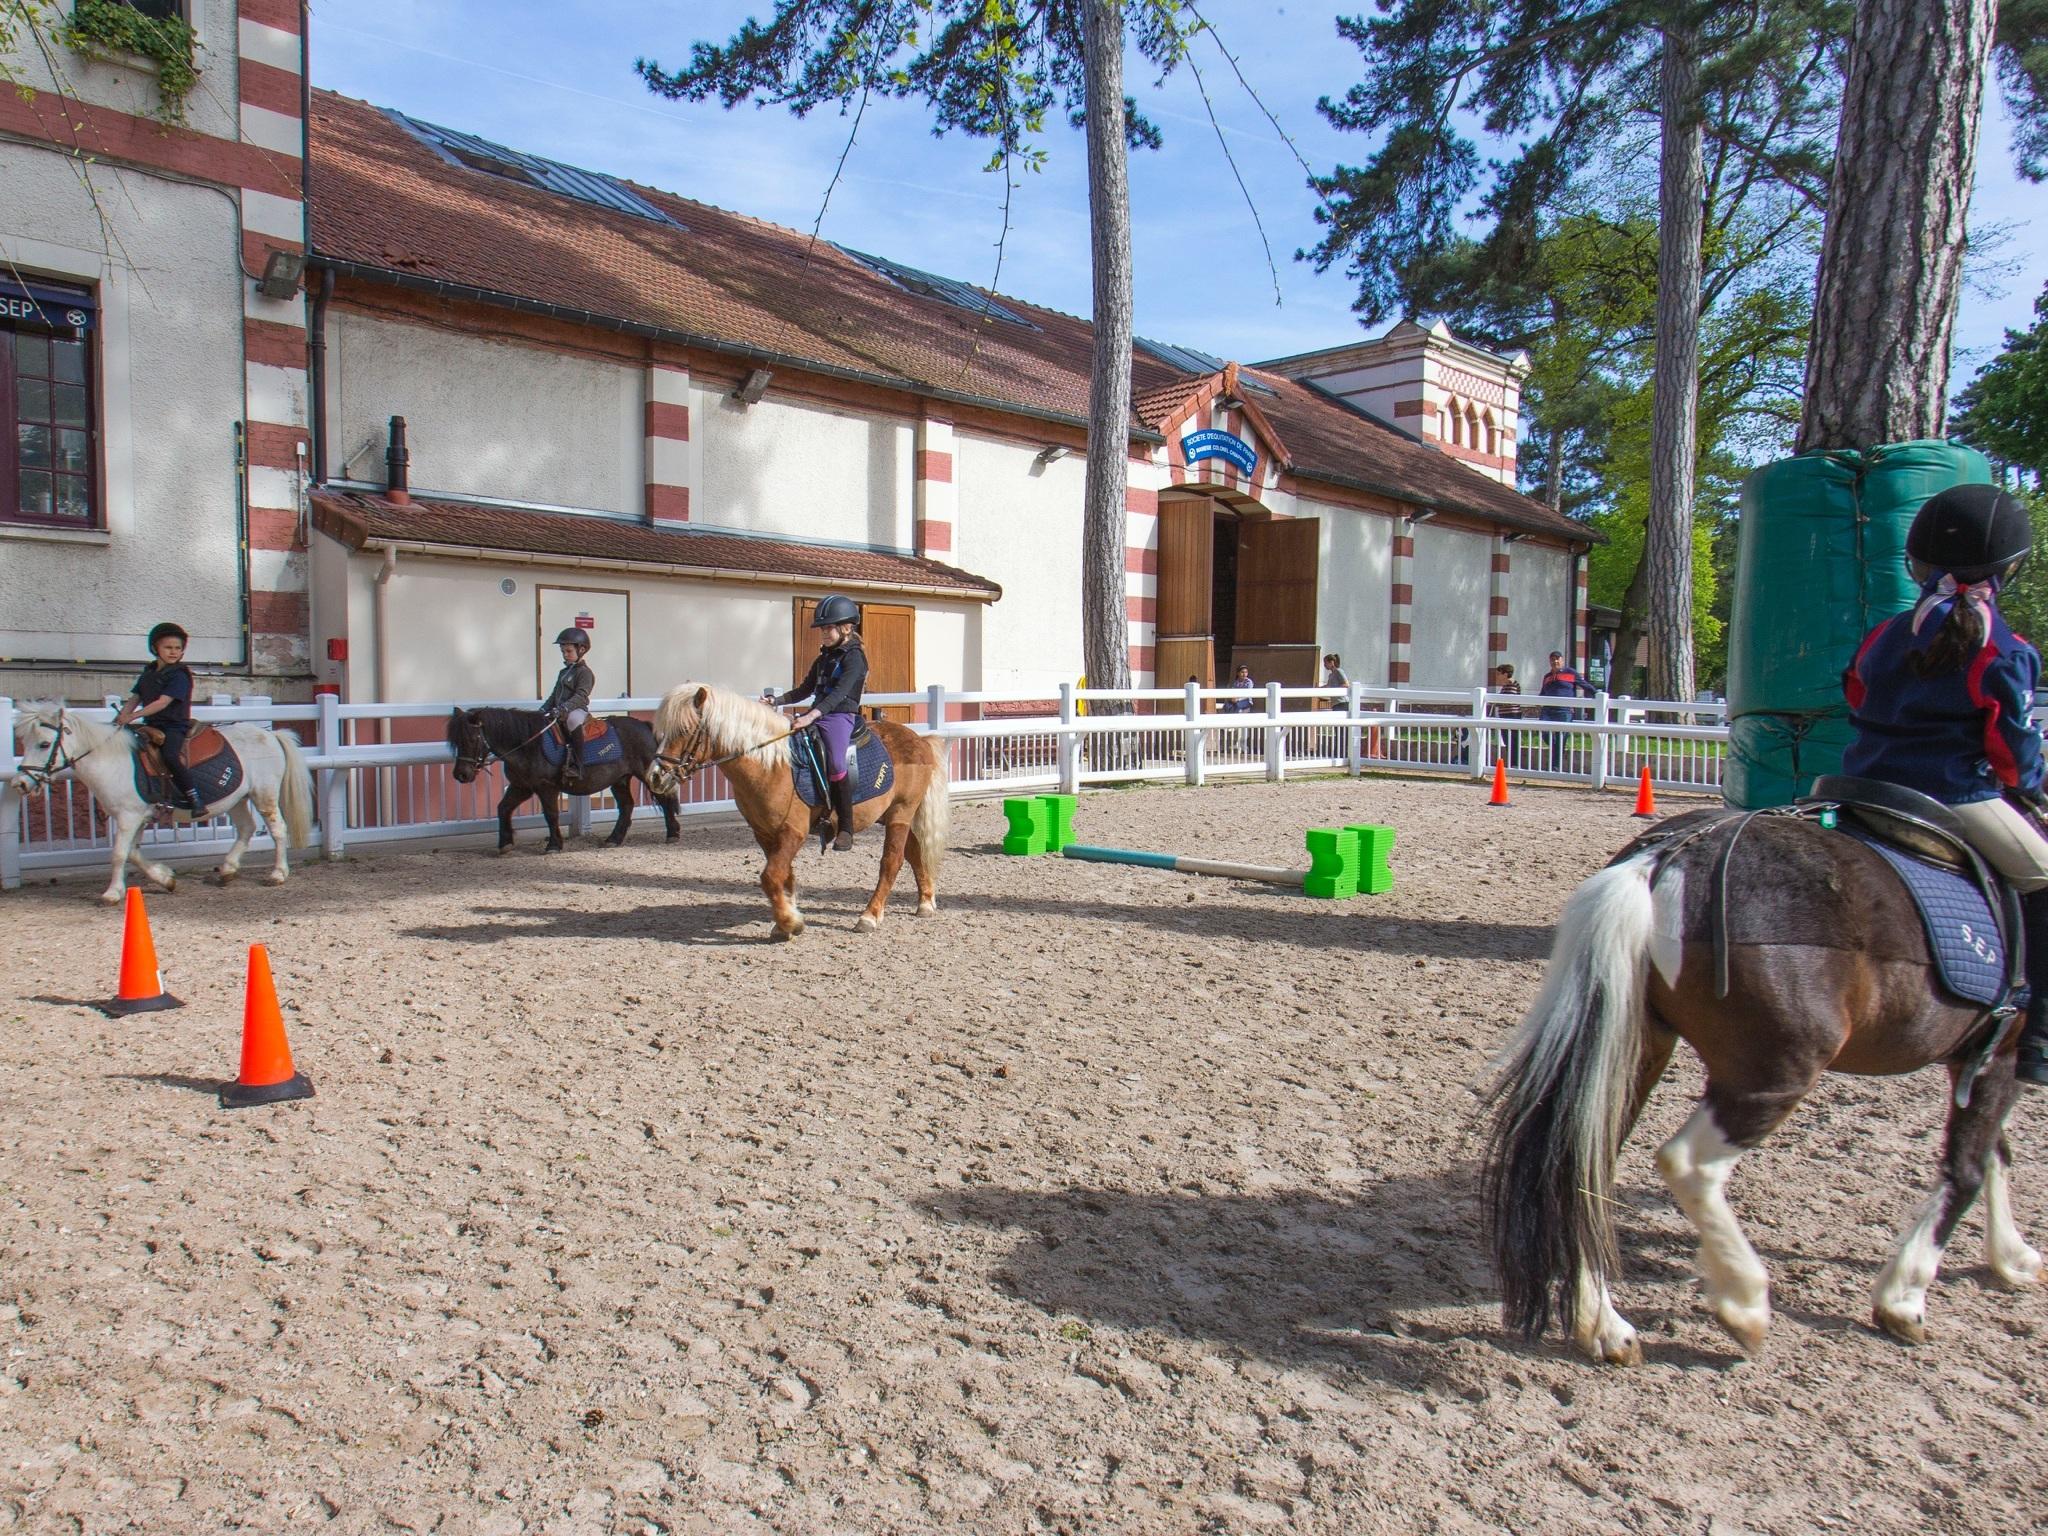 LES COURS SHETLAND - À partir de 4 ans, des cours Babyshetlands d'1/2 heure sont proposés aux jeunes cavaliers. Cette première année initie les cavaliers à la découverte du poney et de l'équitation et développe leur sens dans un esprit ludique.À partir de 5 ans, les cavaliers entrent en école Shetland.Les cours durent 1 heure et sont adaptés à l'âge et au niveau de chaque enfant.Les niveaux se décomposent en 3 sections: Poney de Bronze (1e année), Poney d'Argent (2e année) et Poney d'Or (3e année).